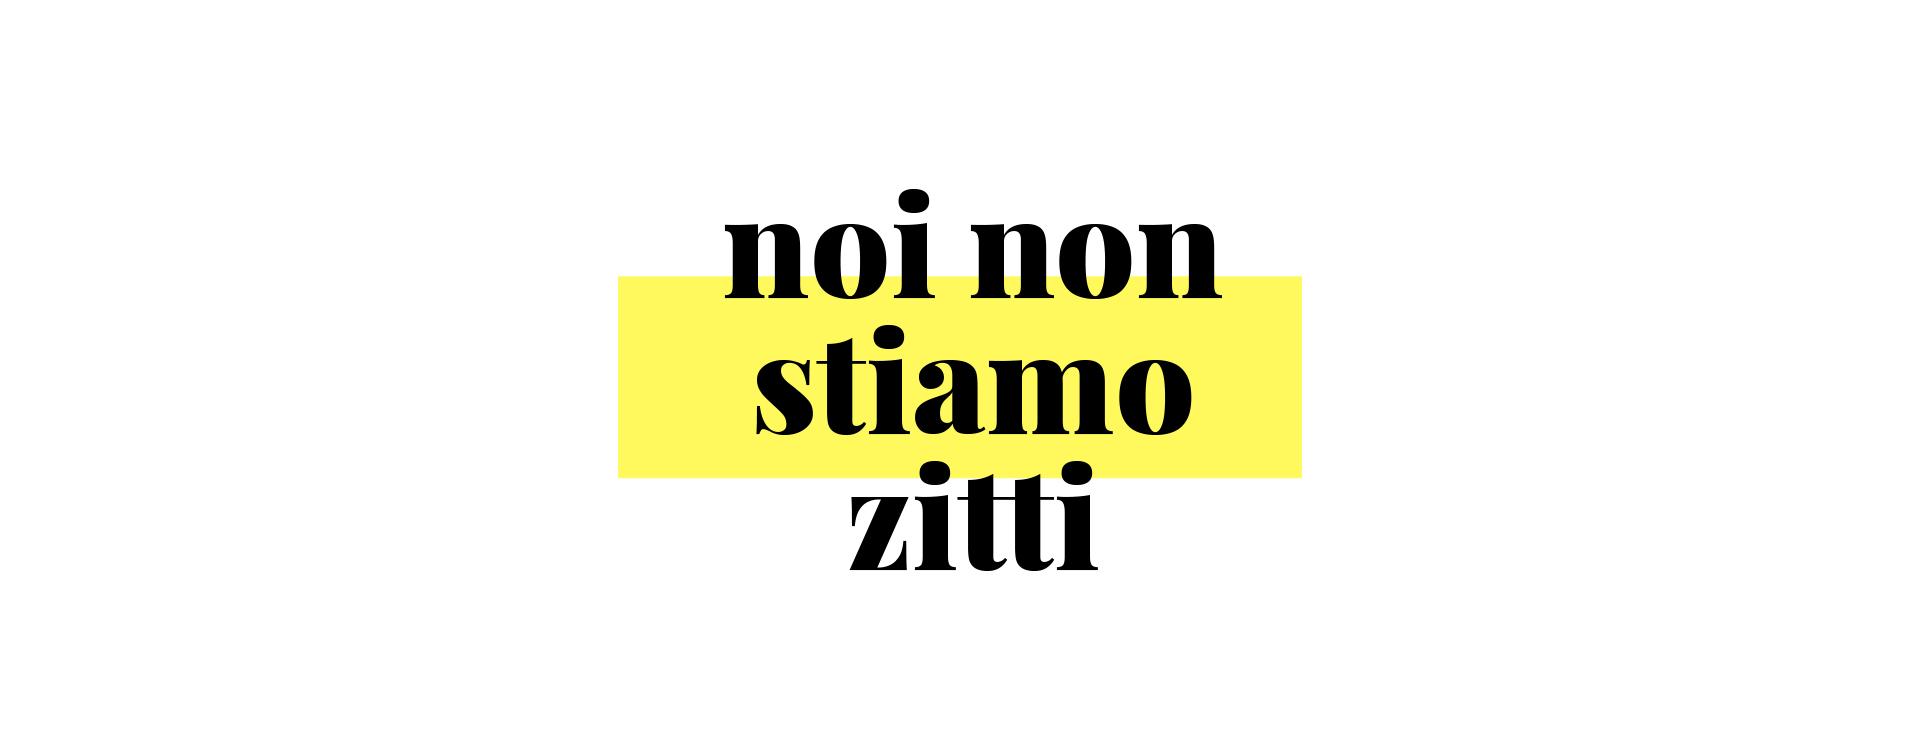 noi_non_stiamo_zitti_logo